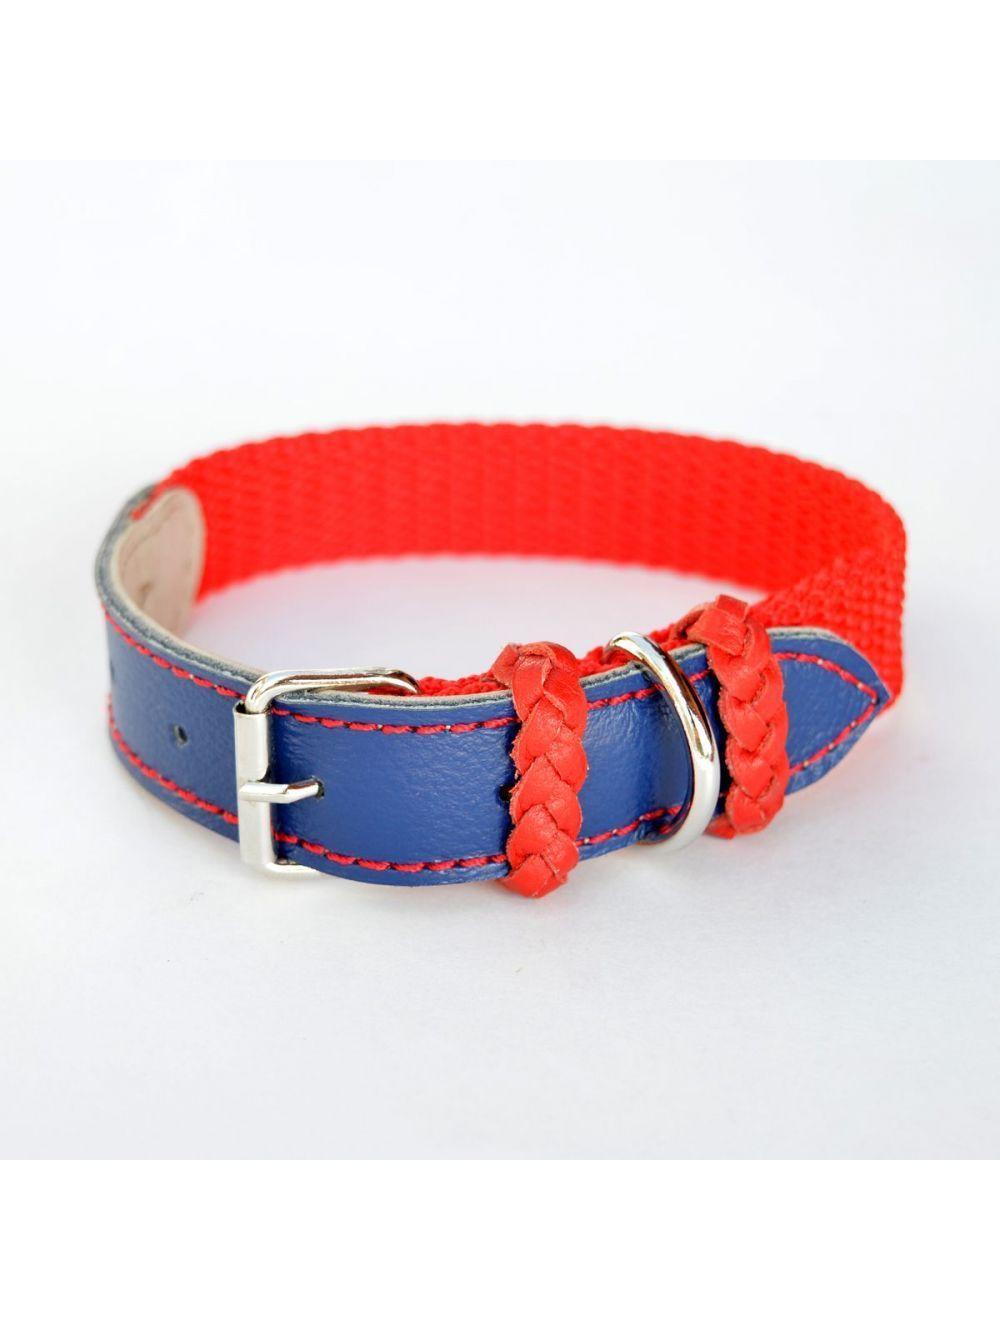 Collar Ciudaddemascotas Rojo y Azul Talla Xs